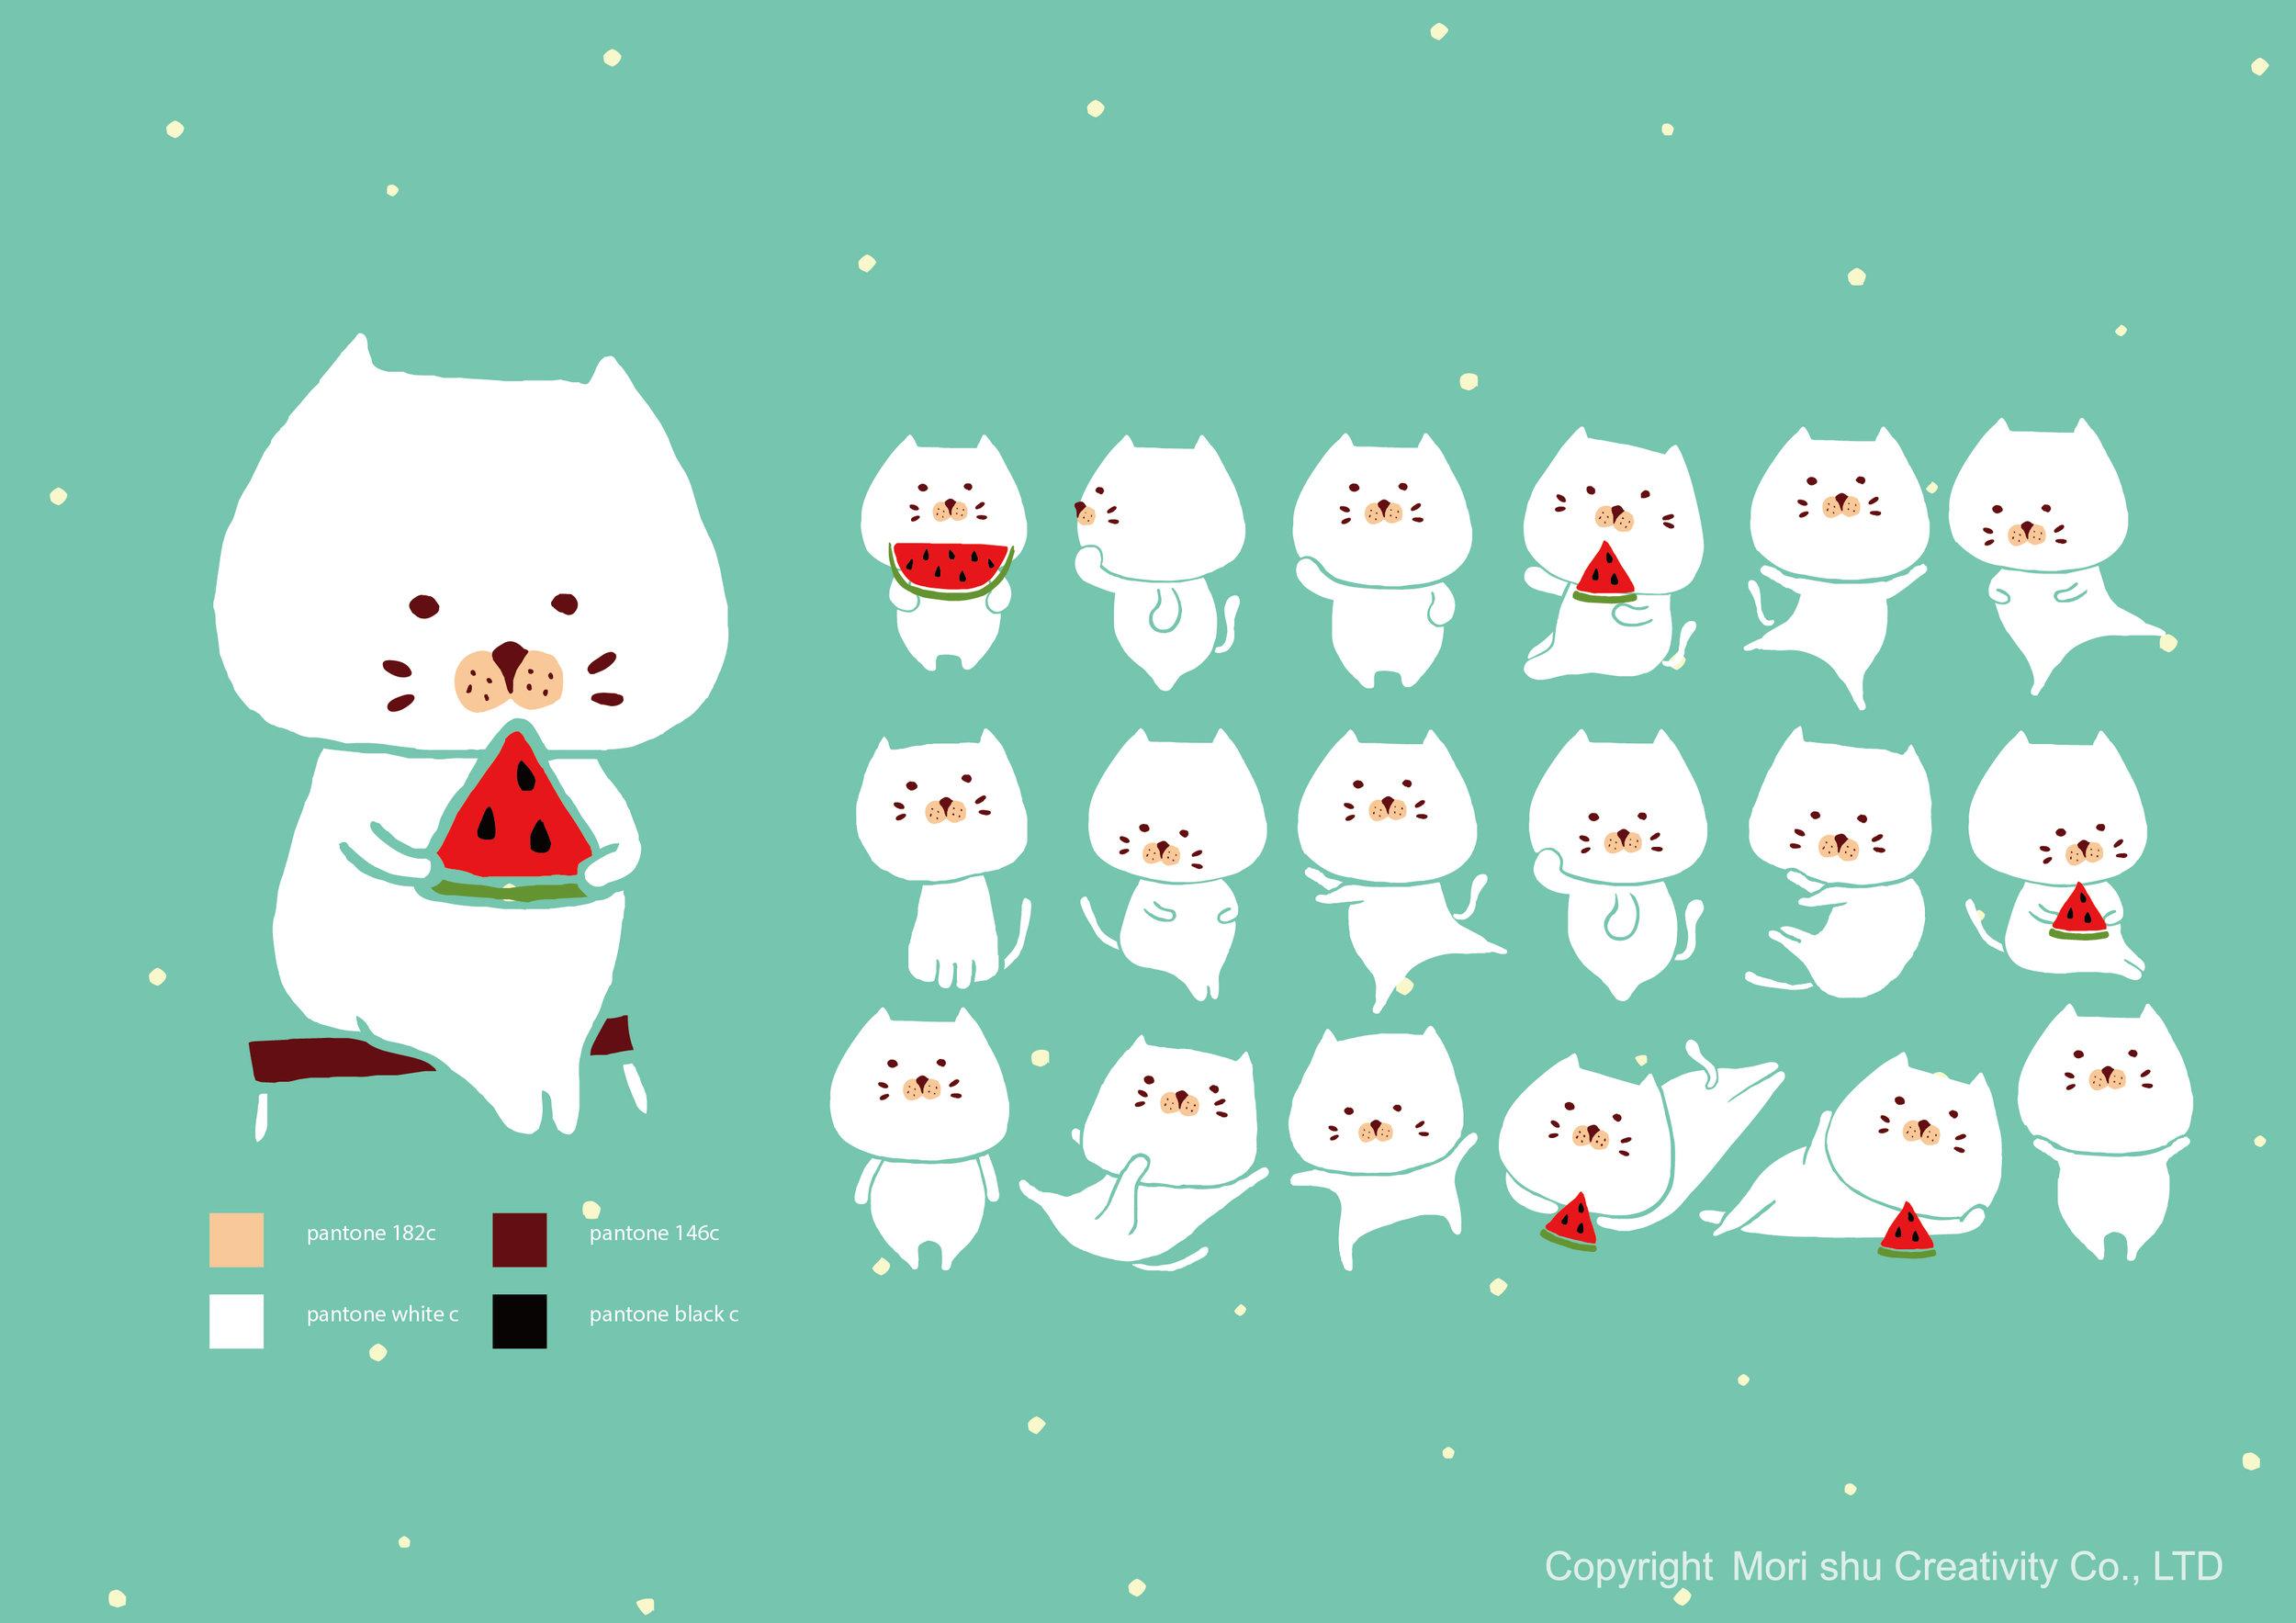 guidebook_cat_01-01.jpg